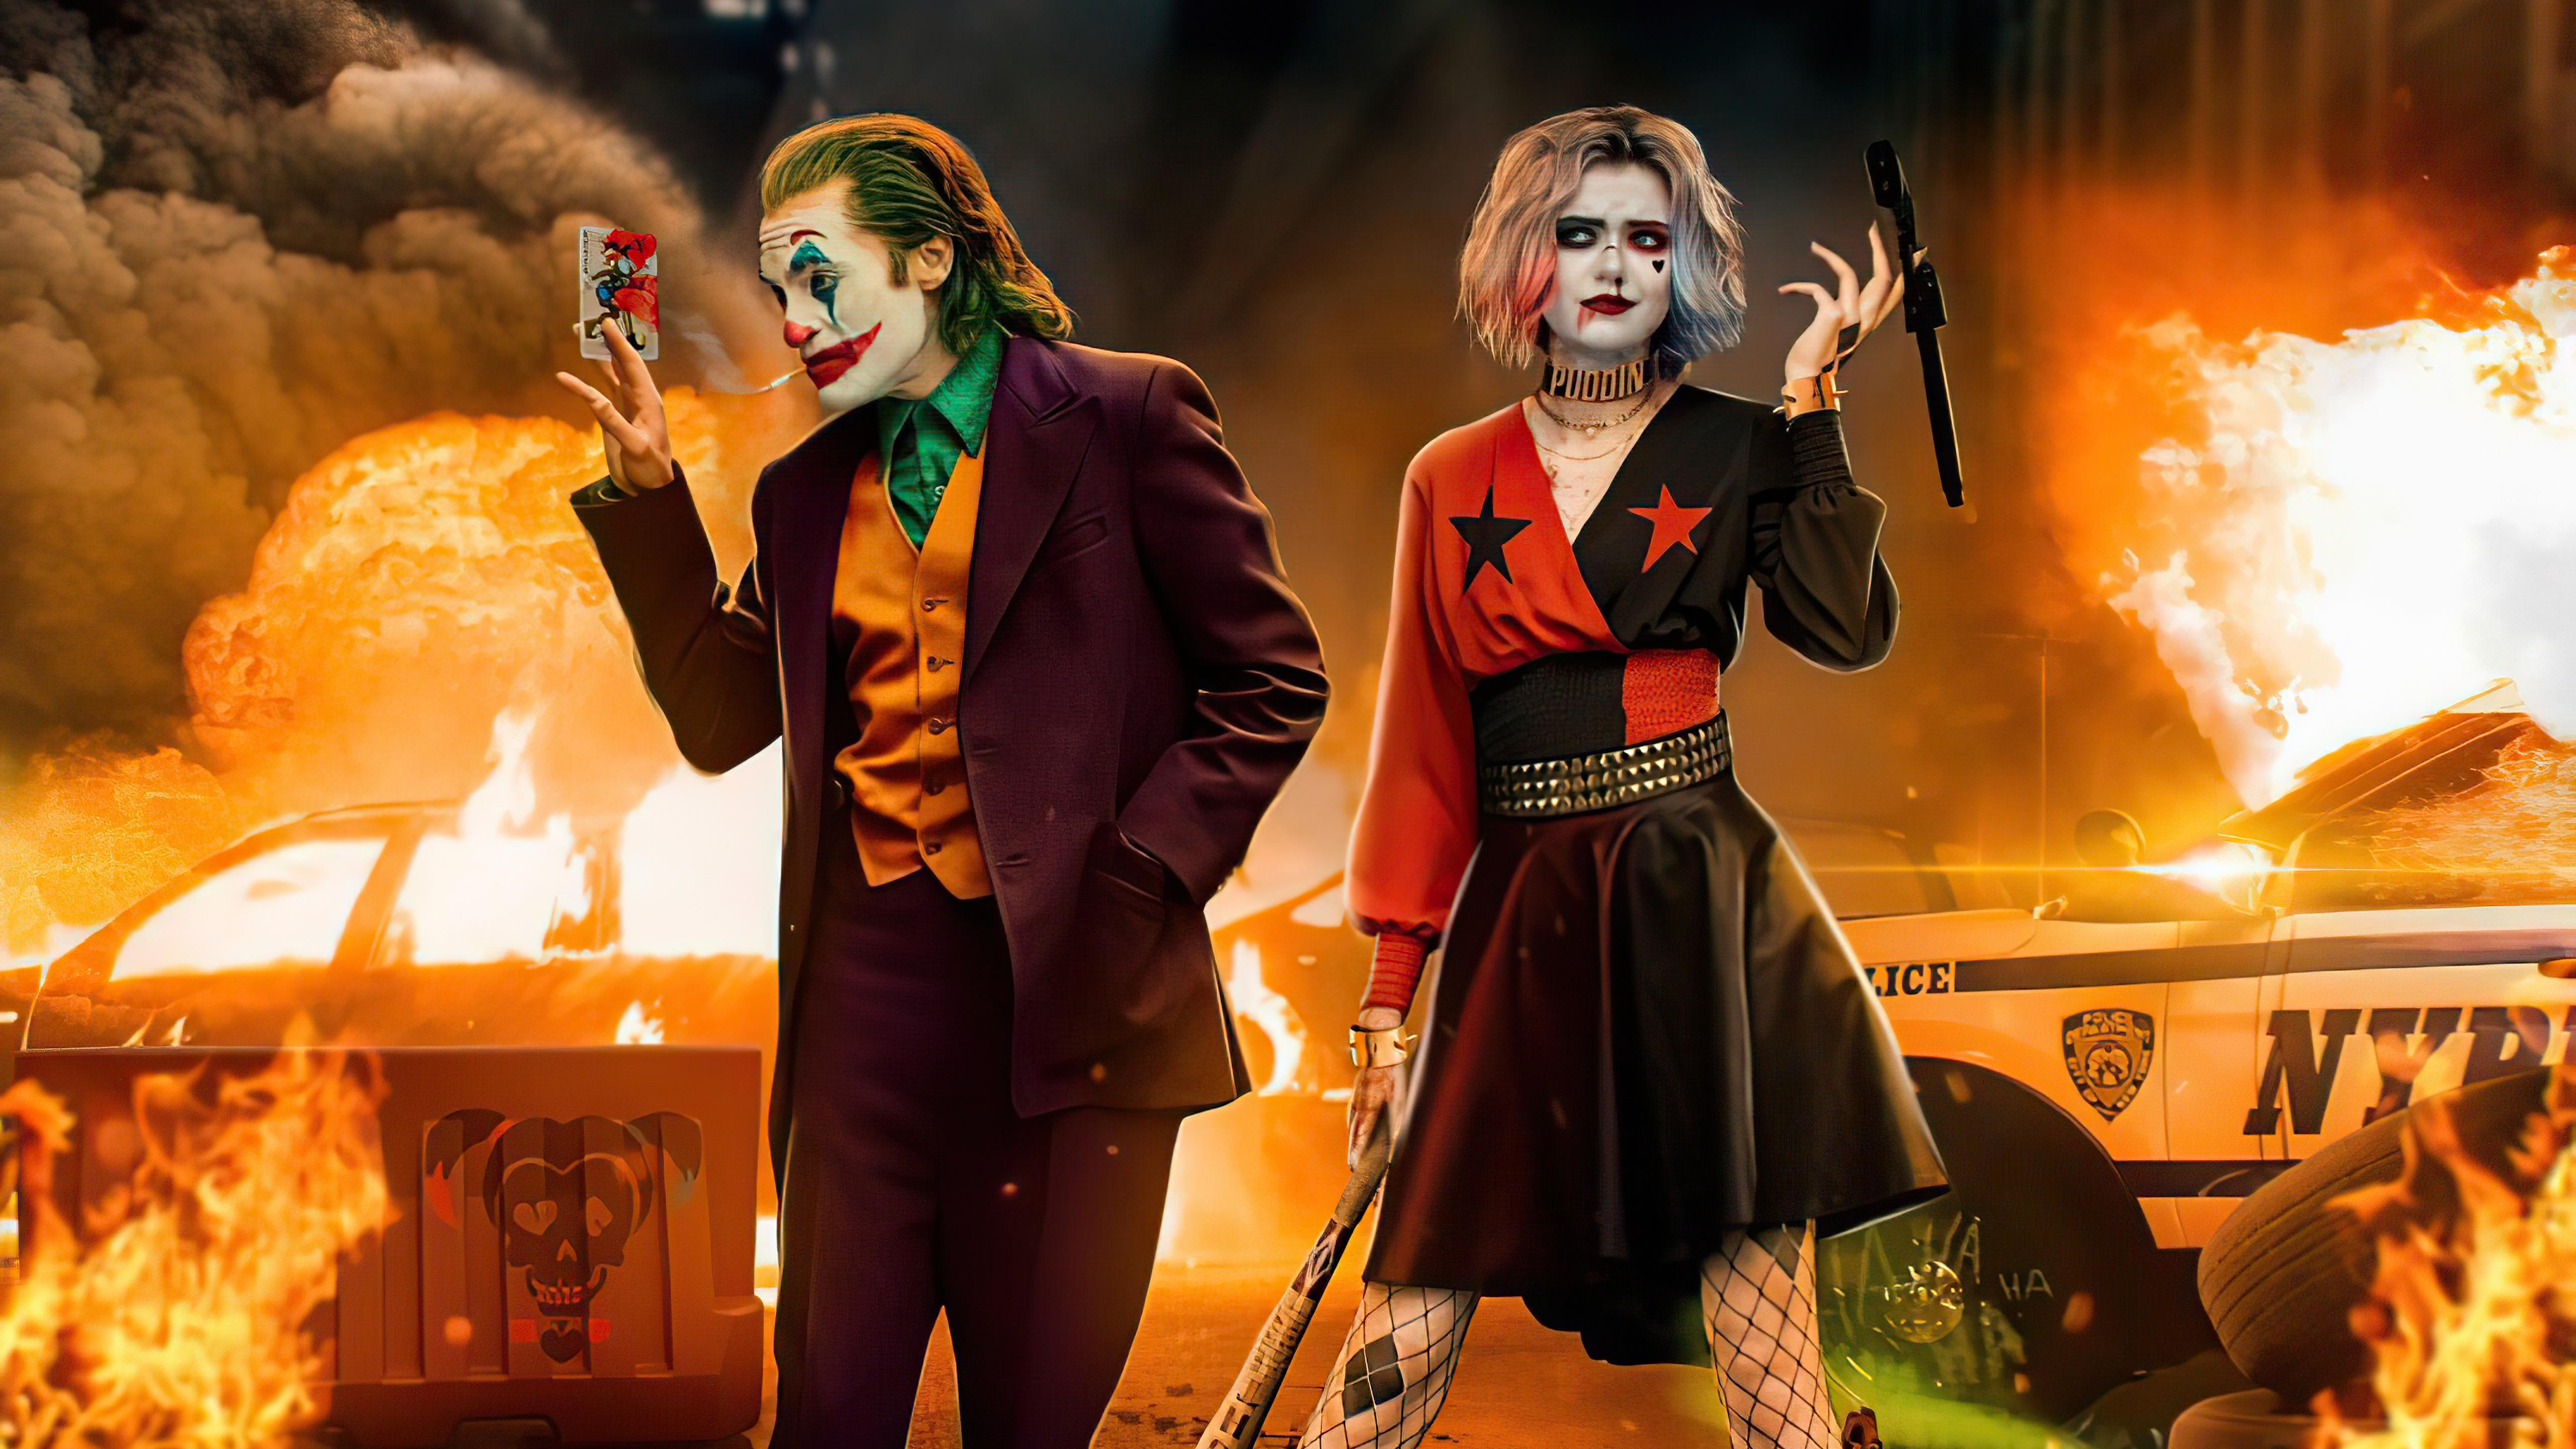 小丑和哈莉·奎茵壁纸